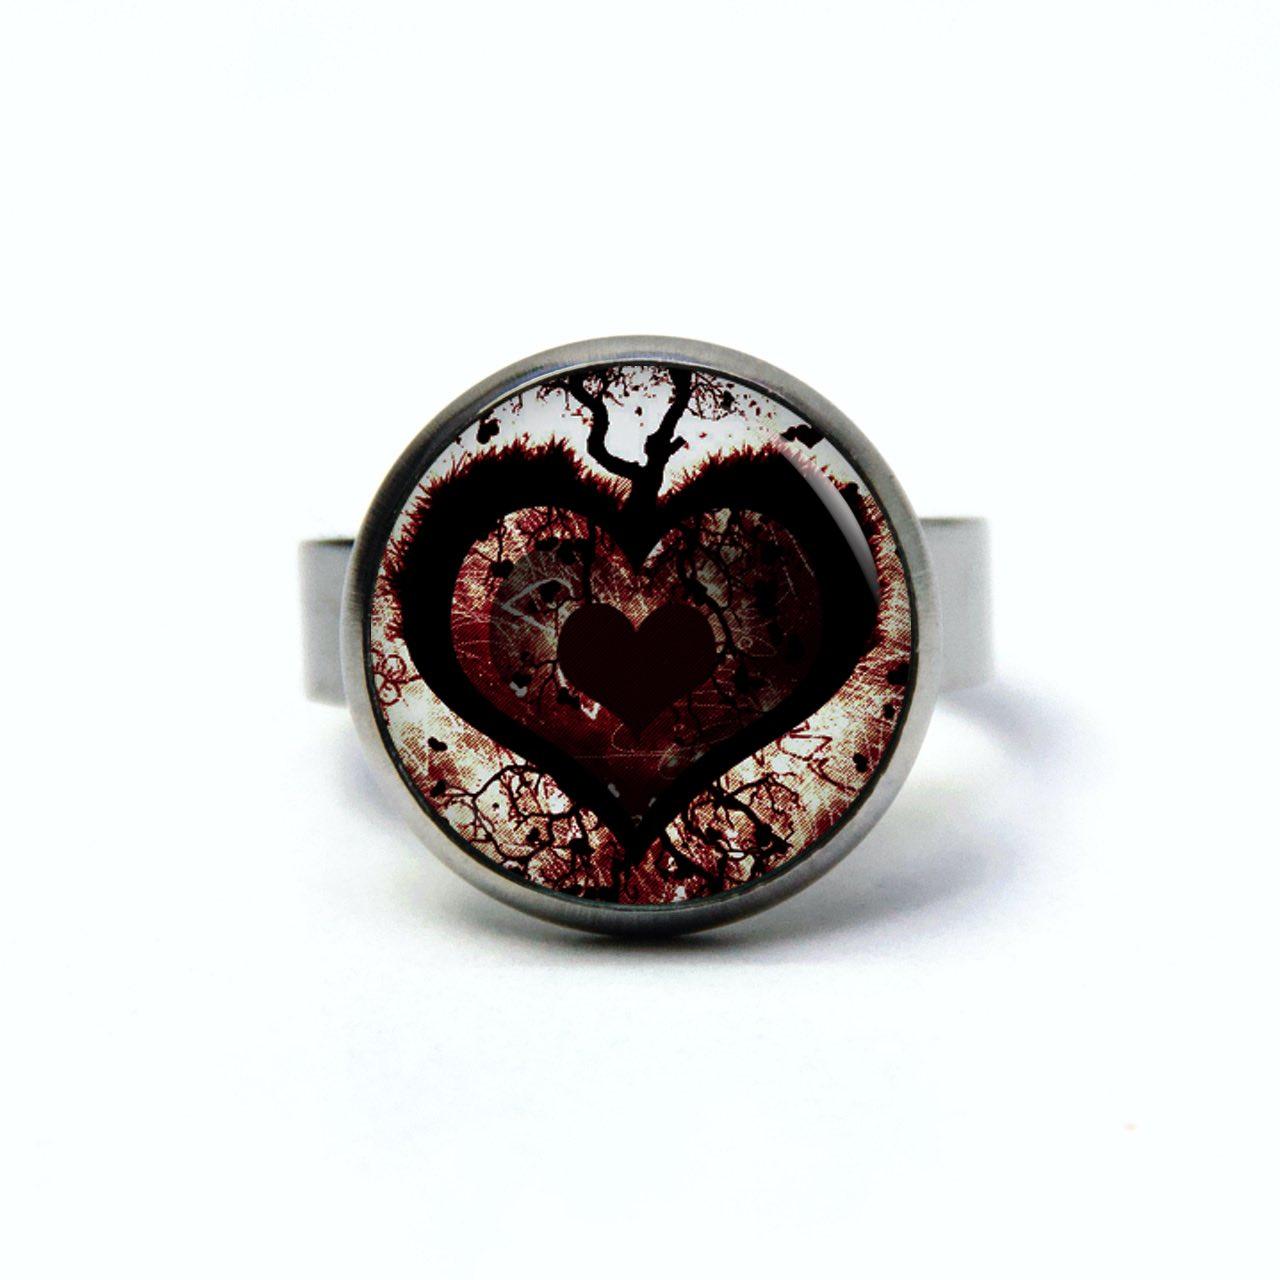 Edelstahl Ring dunkles Herz dunkelrot - verschiedene Größen